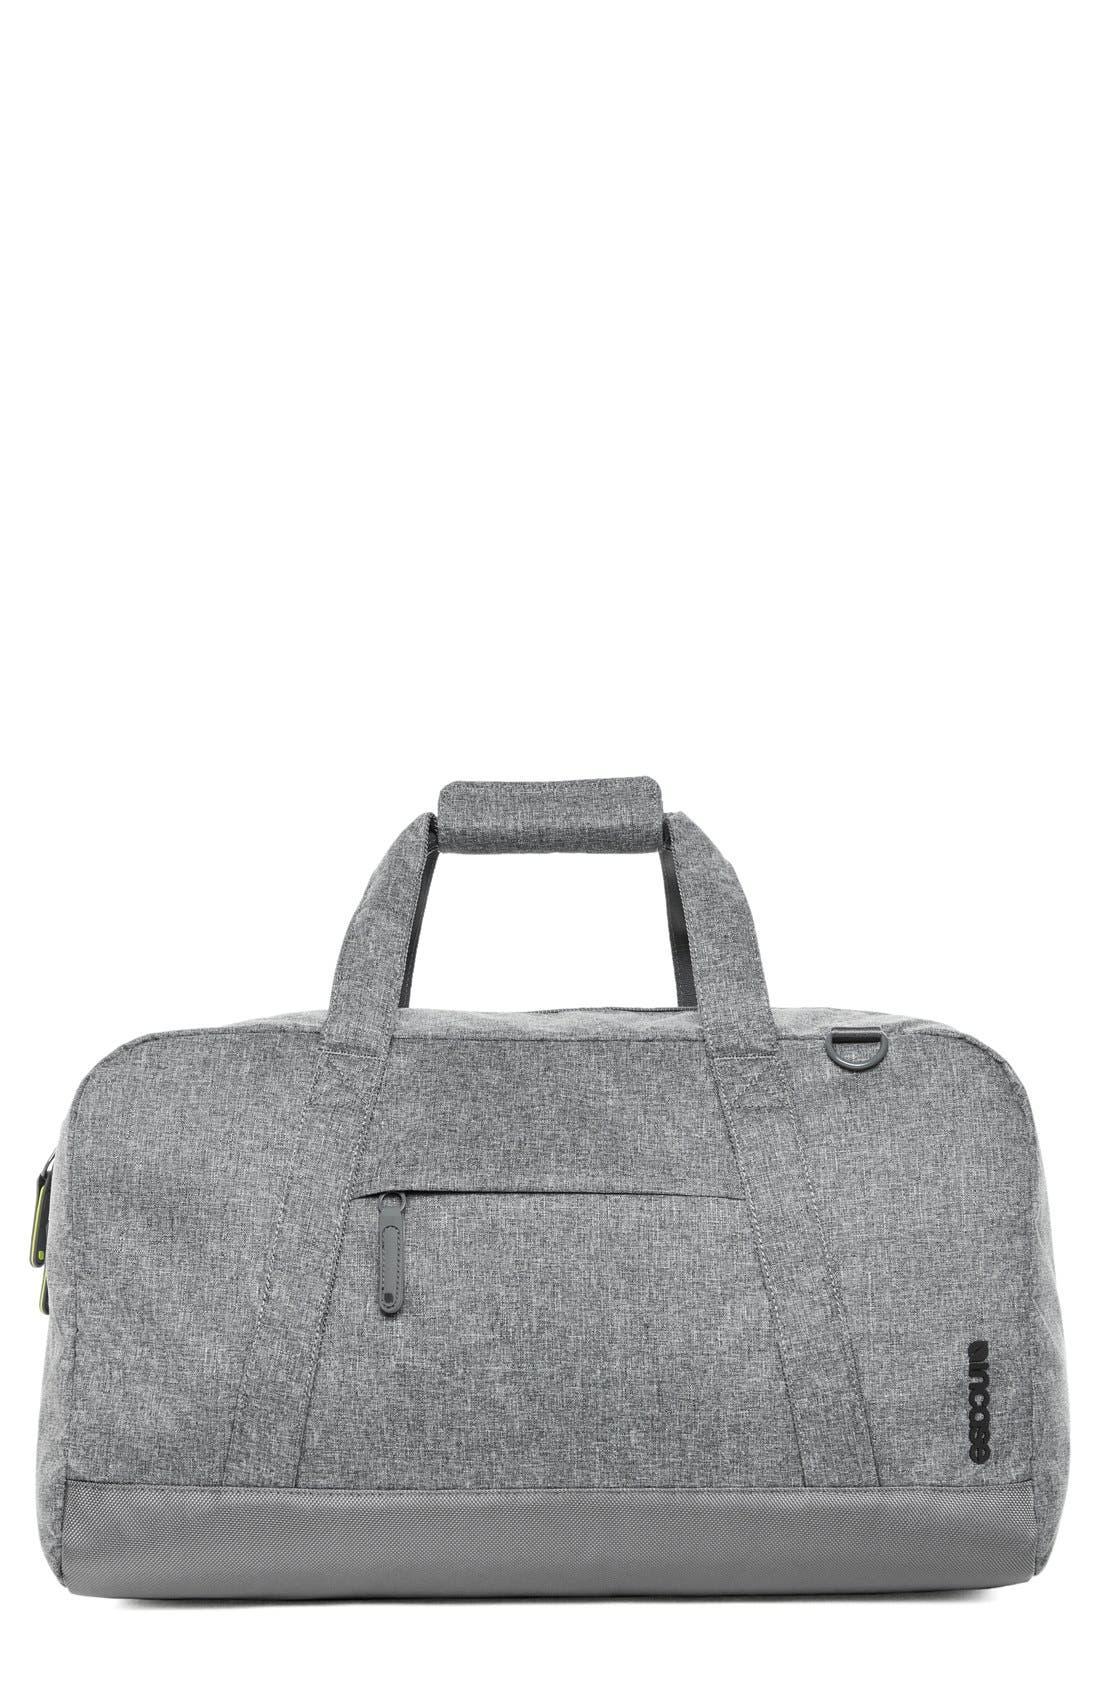 Alternate Image 1 Selected - Incase Designs EO Duffel Bag